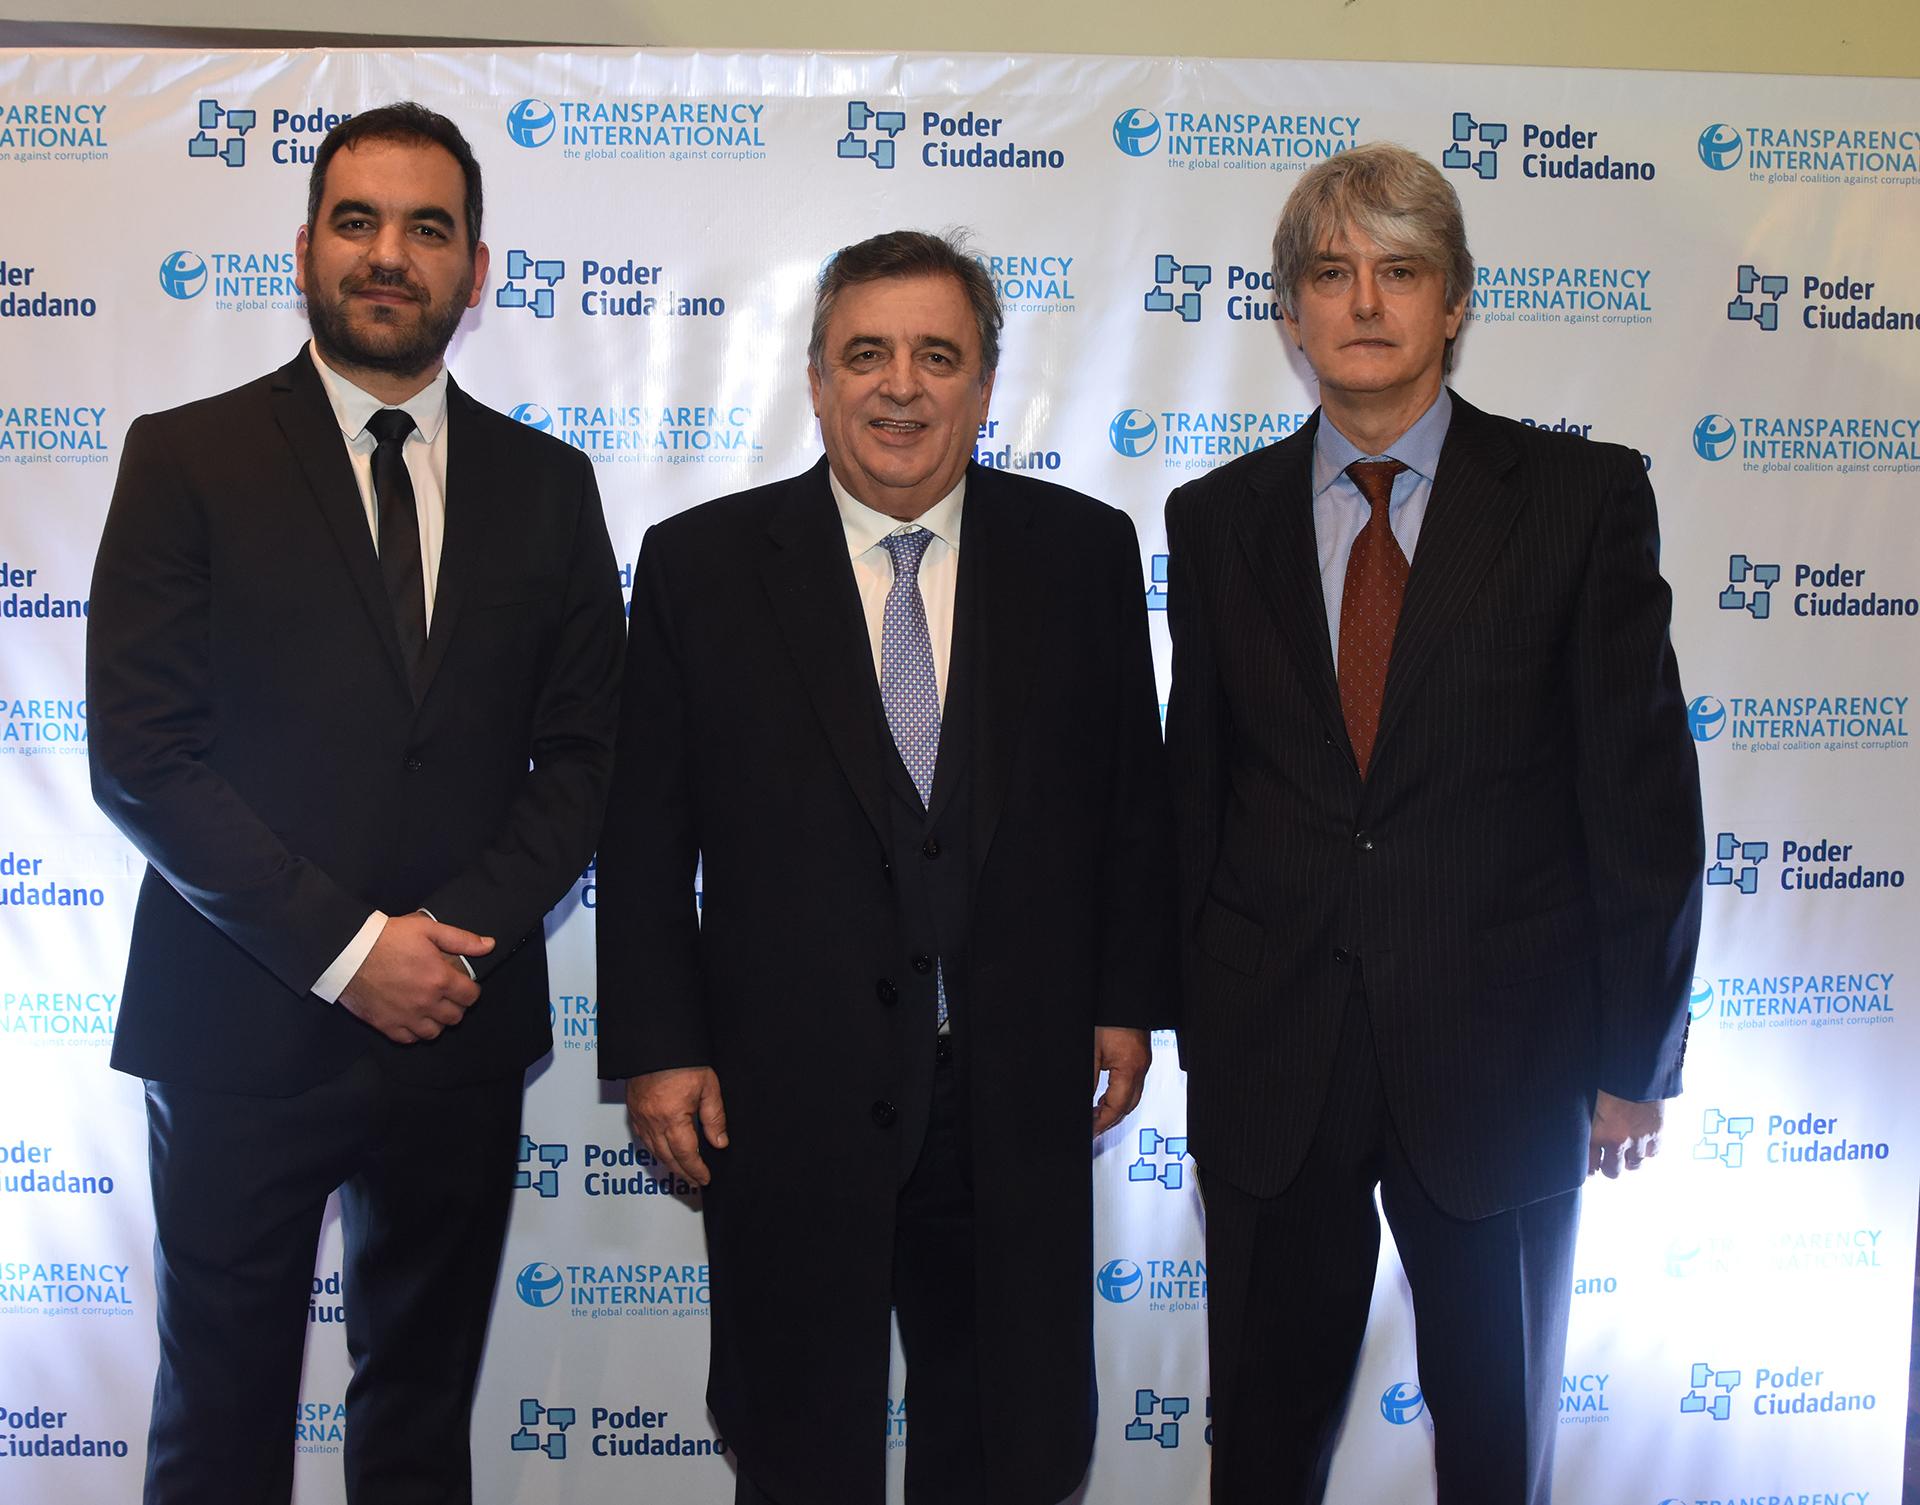 Pablo Secchi, Mario Negri y Hugo Wortman Jofre